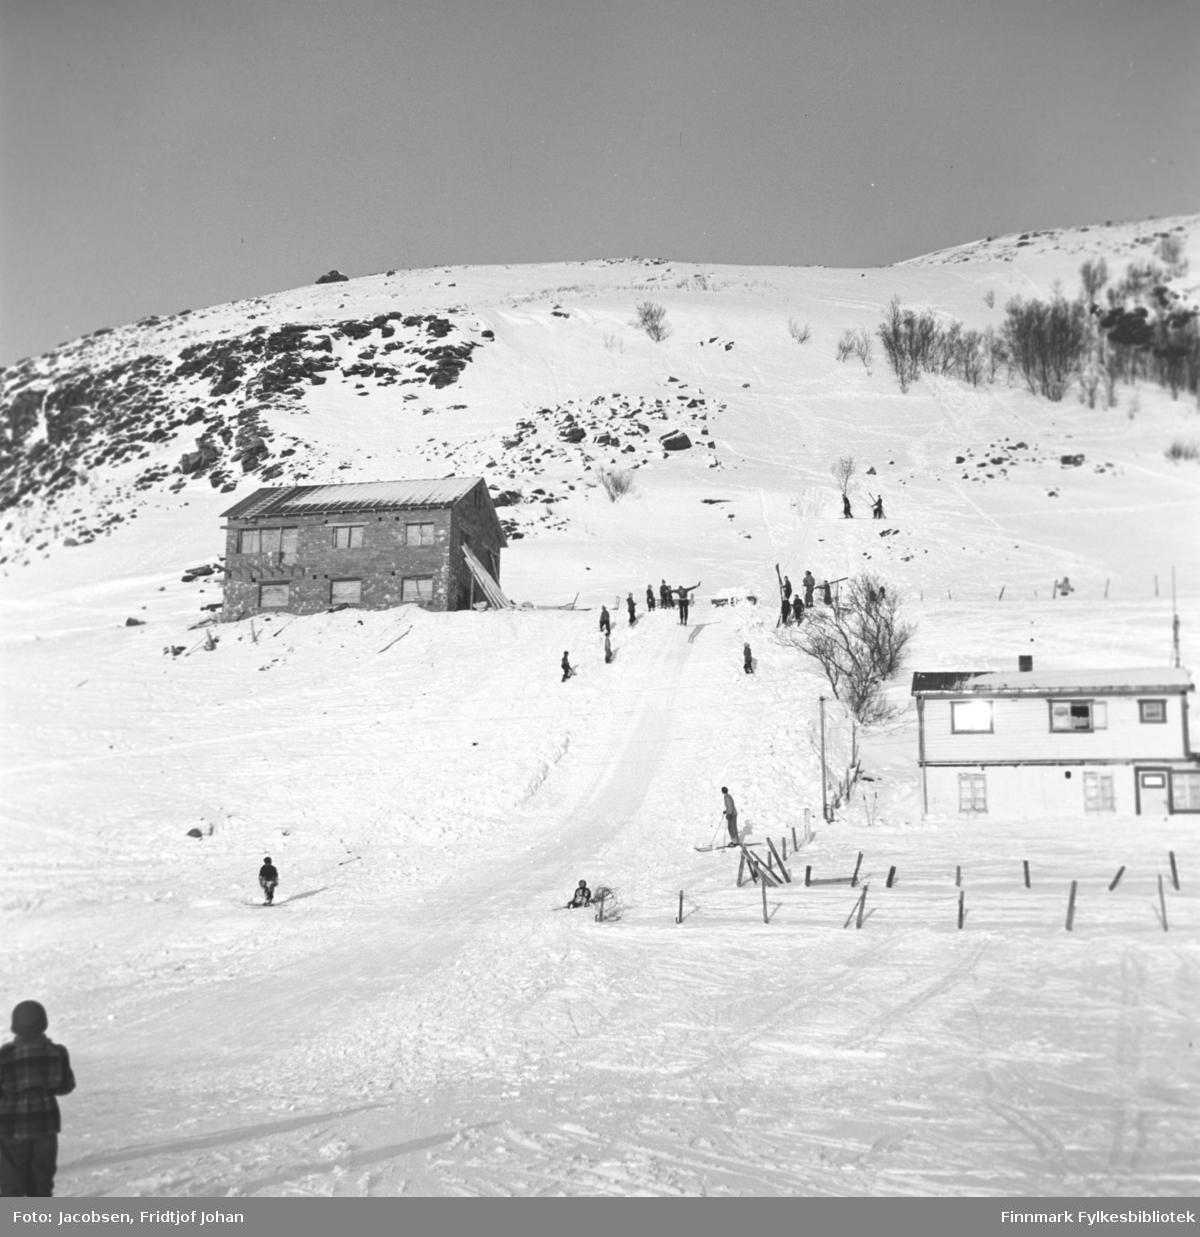 Skihopping i Kallanbakken. En del mennesker er i bakken og en står helt nede til venstre på bildet på det is- og snødekte Storvannet. Noen trær står oppe i fjellsiden på Breiliafjell. Huset til høyre tilhørte Maia Wilhelmsen og gjerdet rundt huset stikker såvidt opp av snøen. Huset til venstre er Sneves.